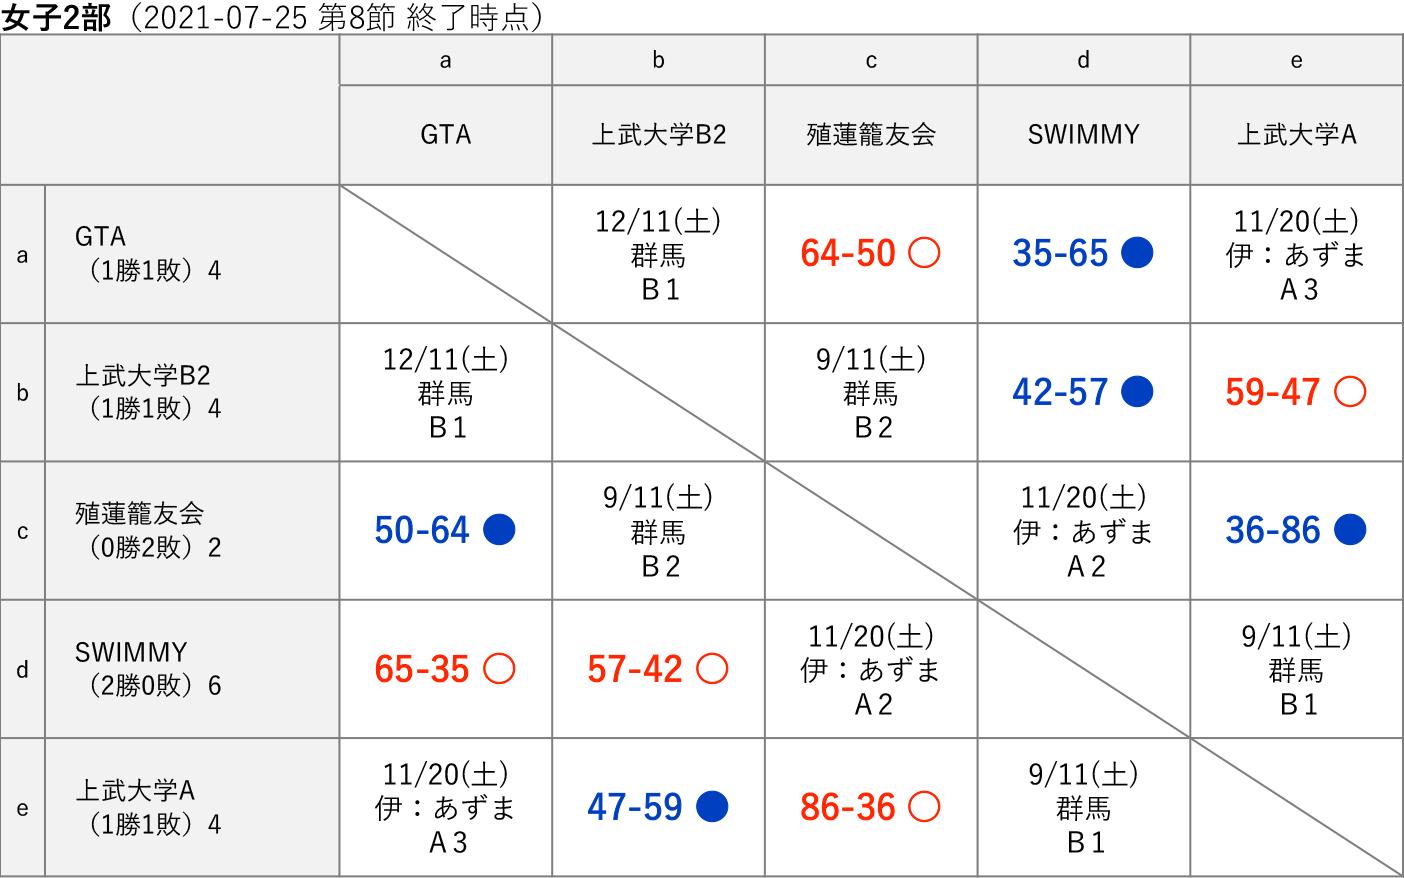 2021社会人リーグ 女子2部 星取り表(2021-07-25 第8節終了時)